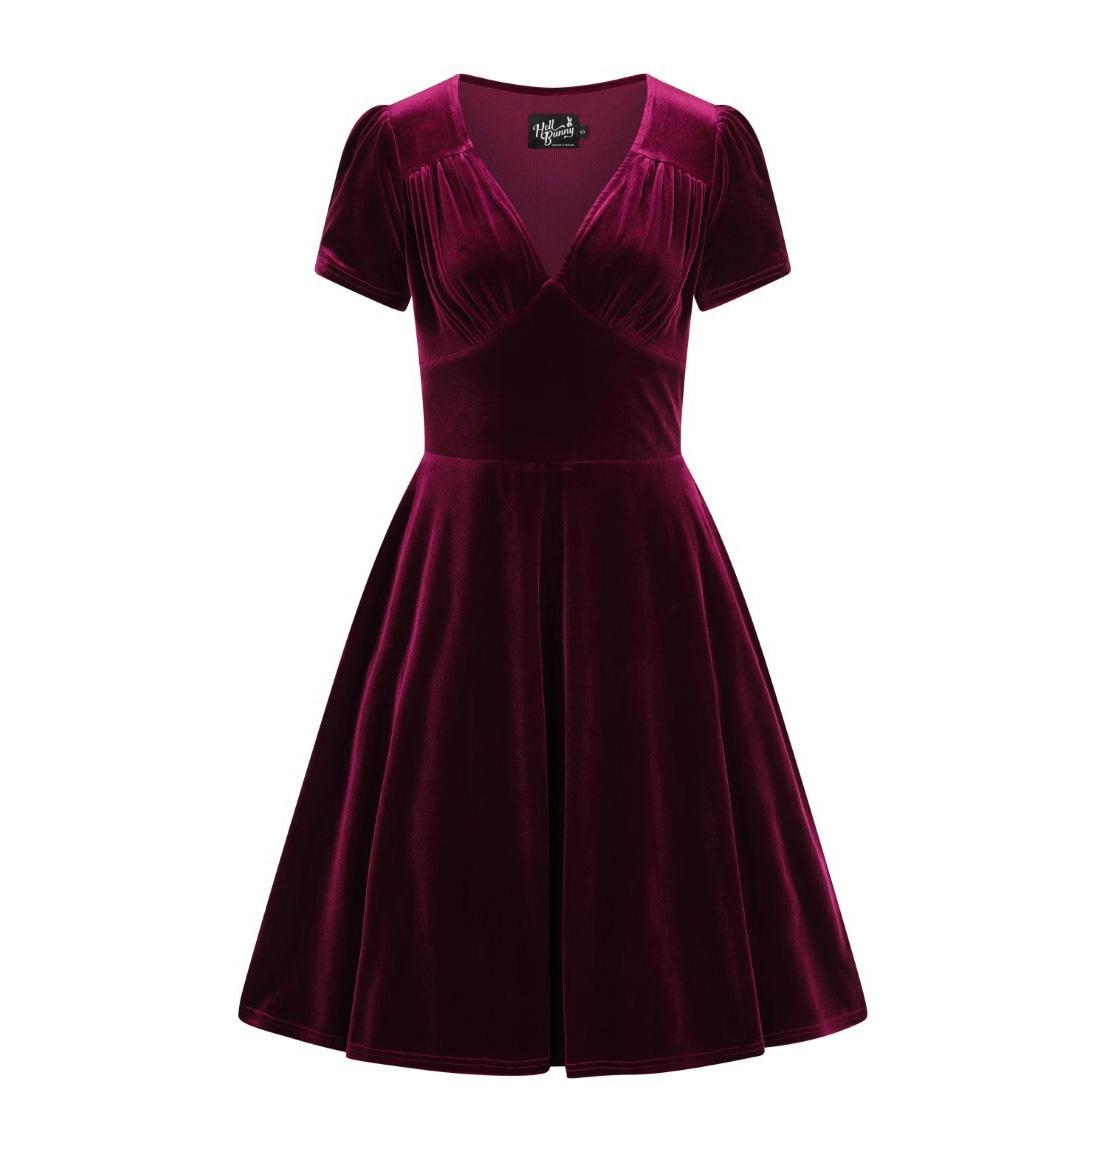 Hell-Bunny-40s-50s-Elegant-Pin-Up-Dress-JOANNE-Crushed-Velvet-Burgundy-All-Sizes thumbnail 47